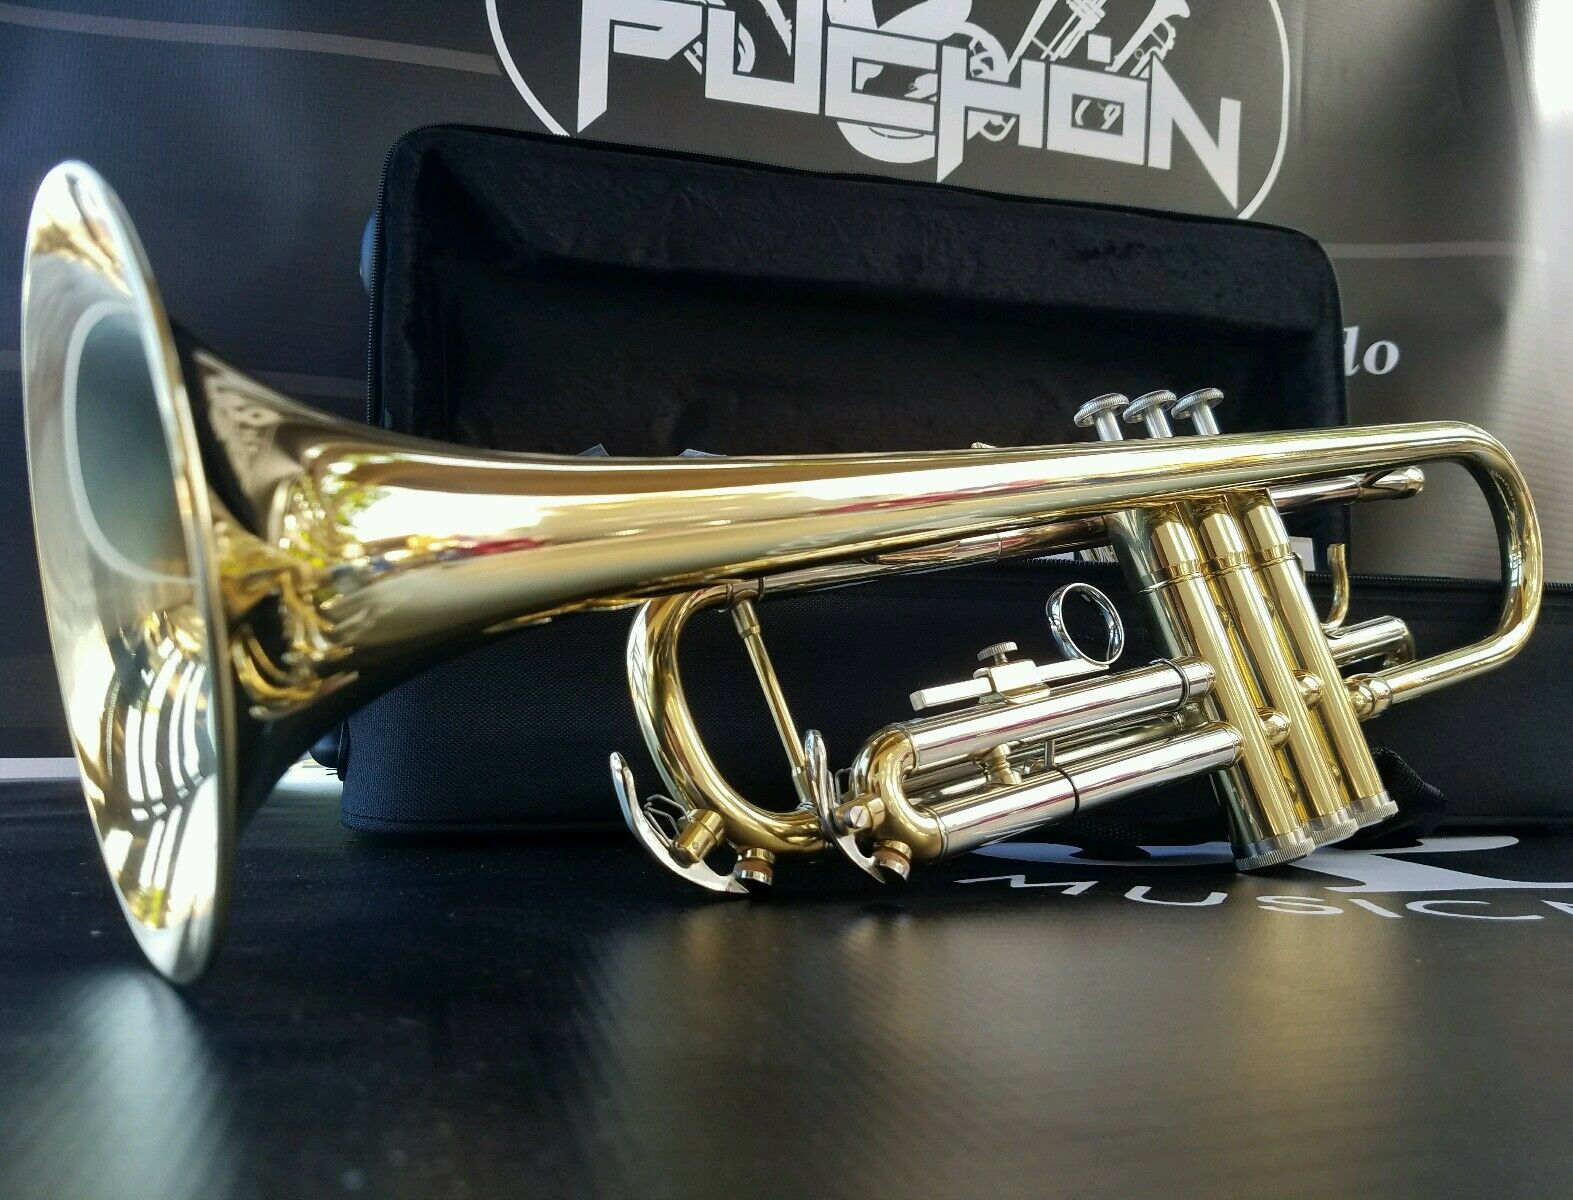 John Packer 051 Bb Trompete- Student